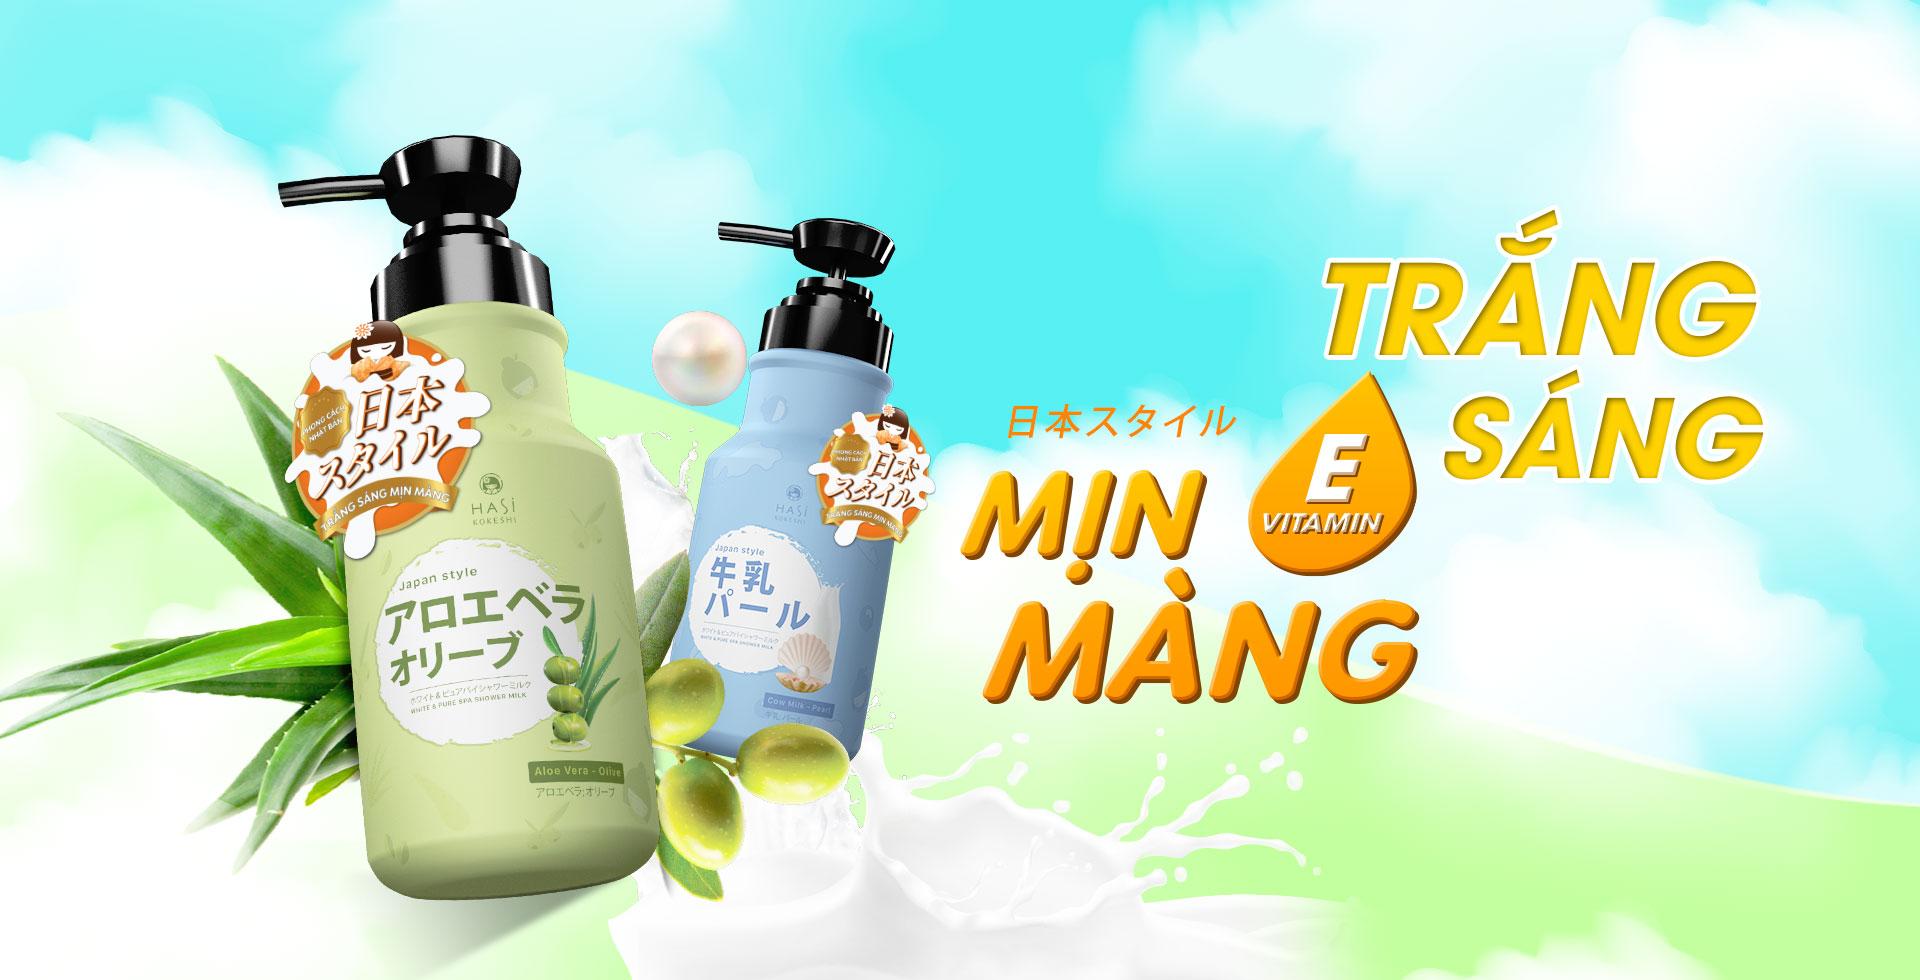 COMBO GIFT SET Sữa tắm Hasi Kokeshi dưỡng trắng da chiết xuất Nha đam-Olive 600ml & Bông tắm